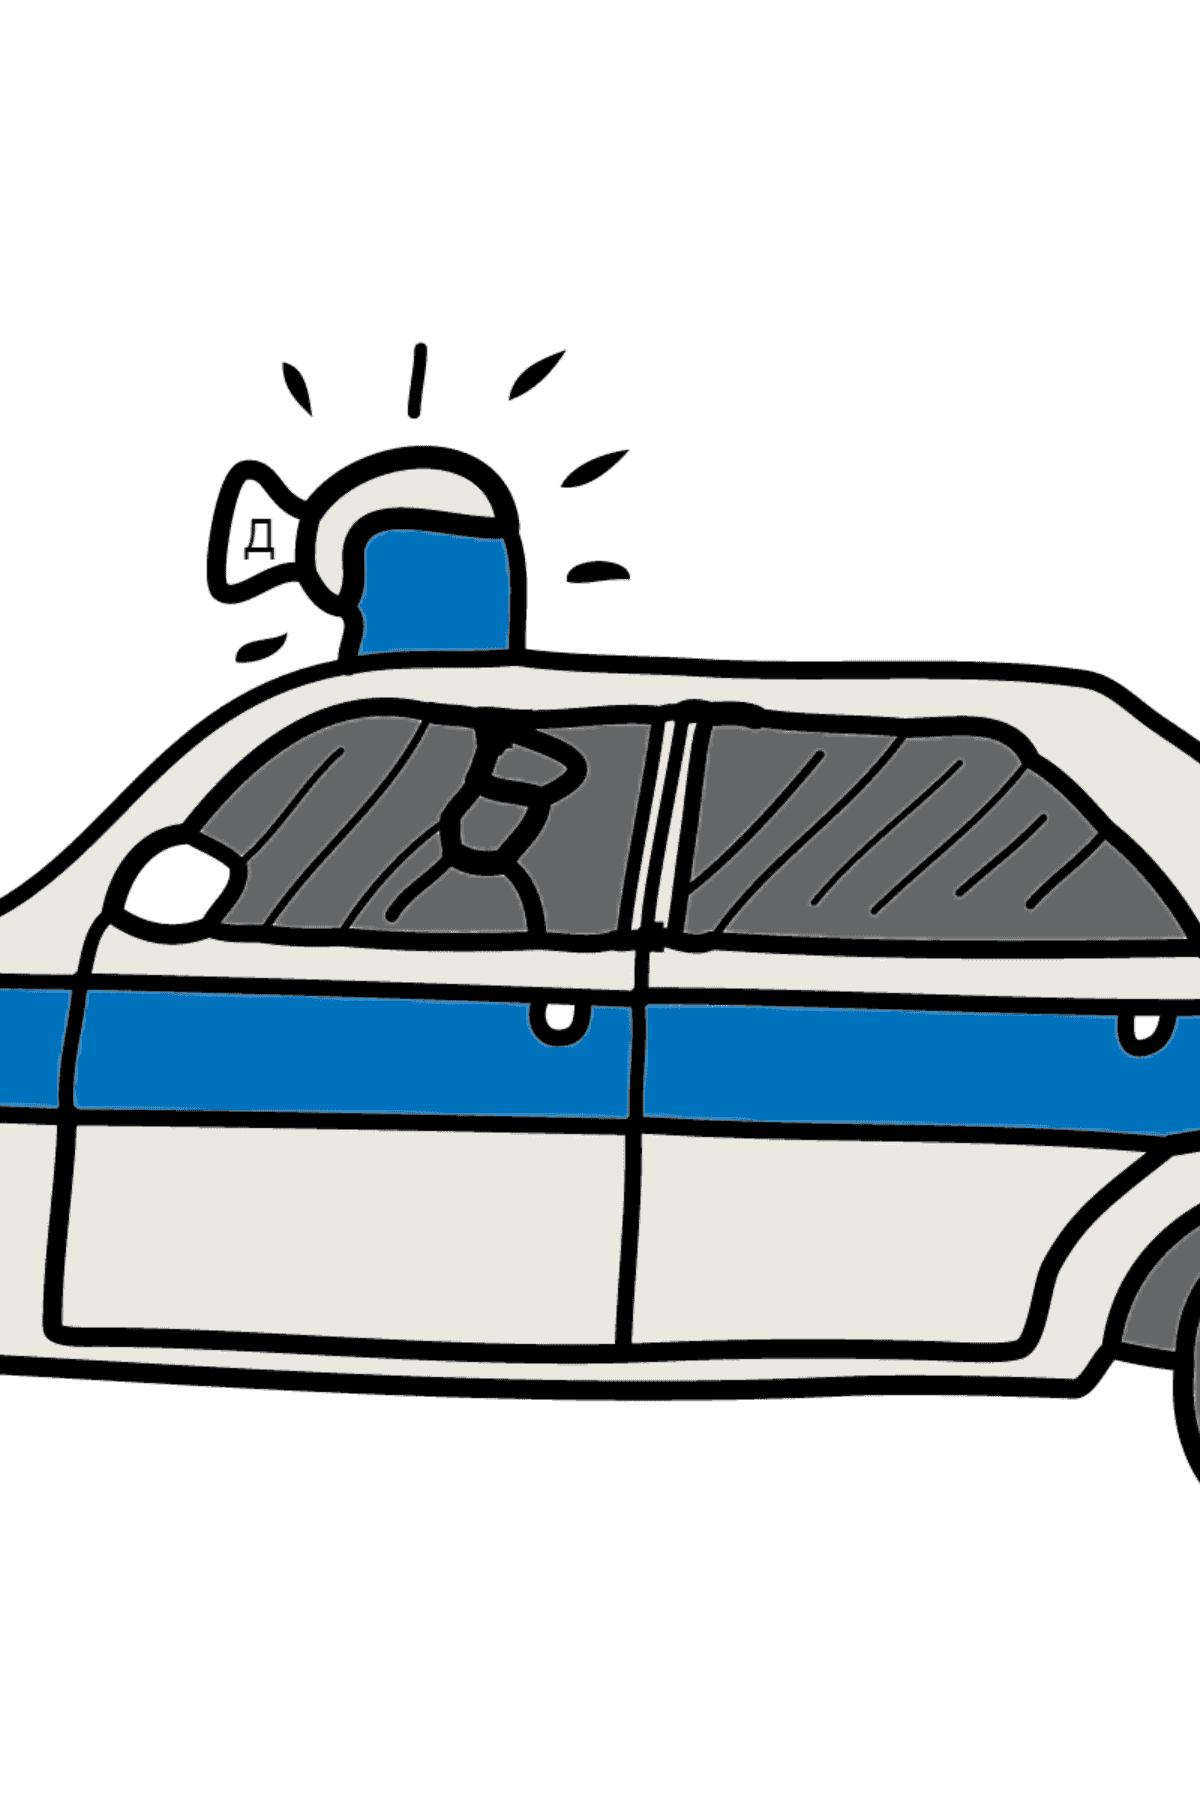 Раскраска полиция для Детей  - Раскраска по Буквам